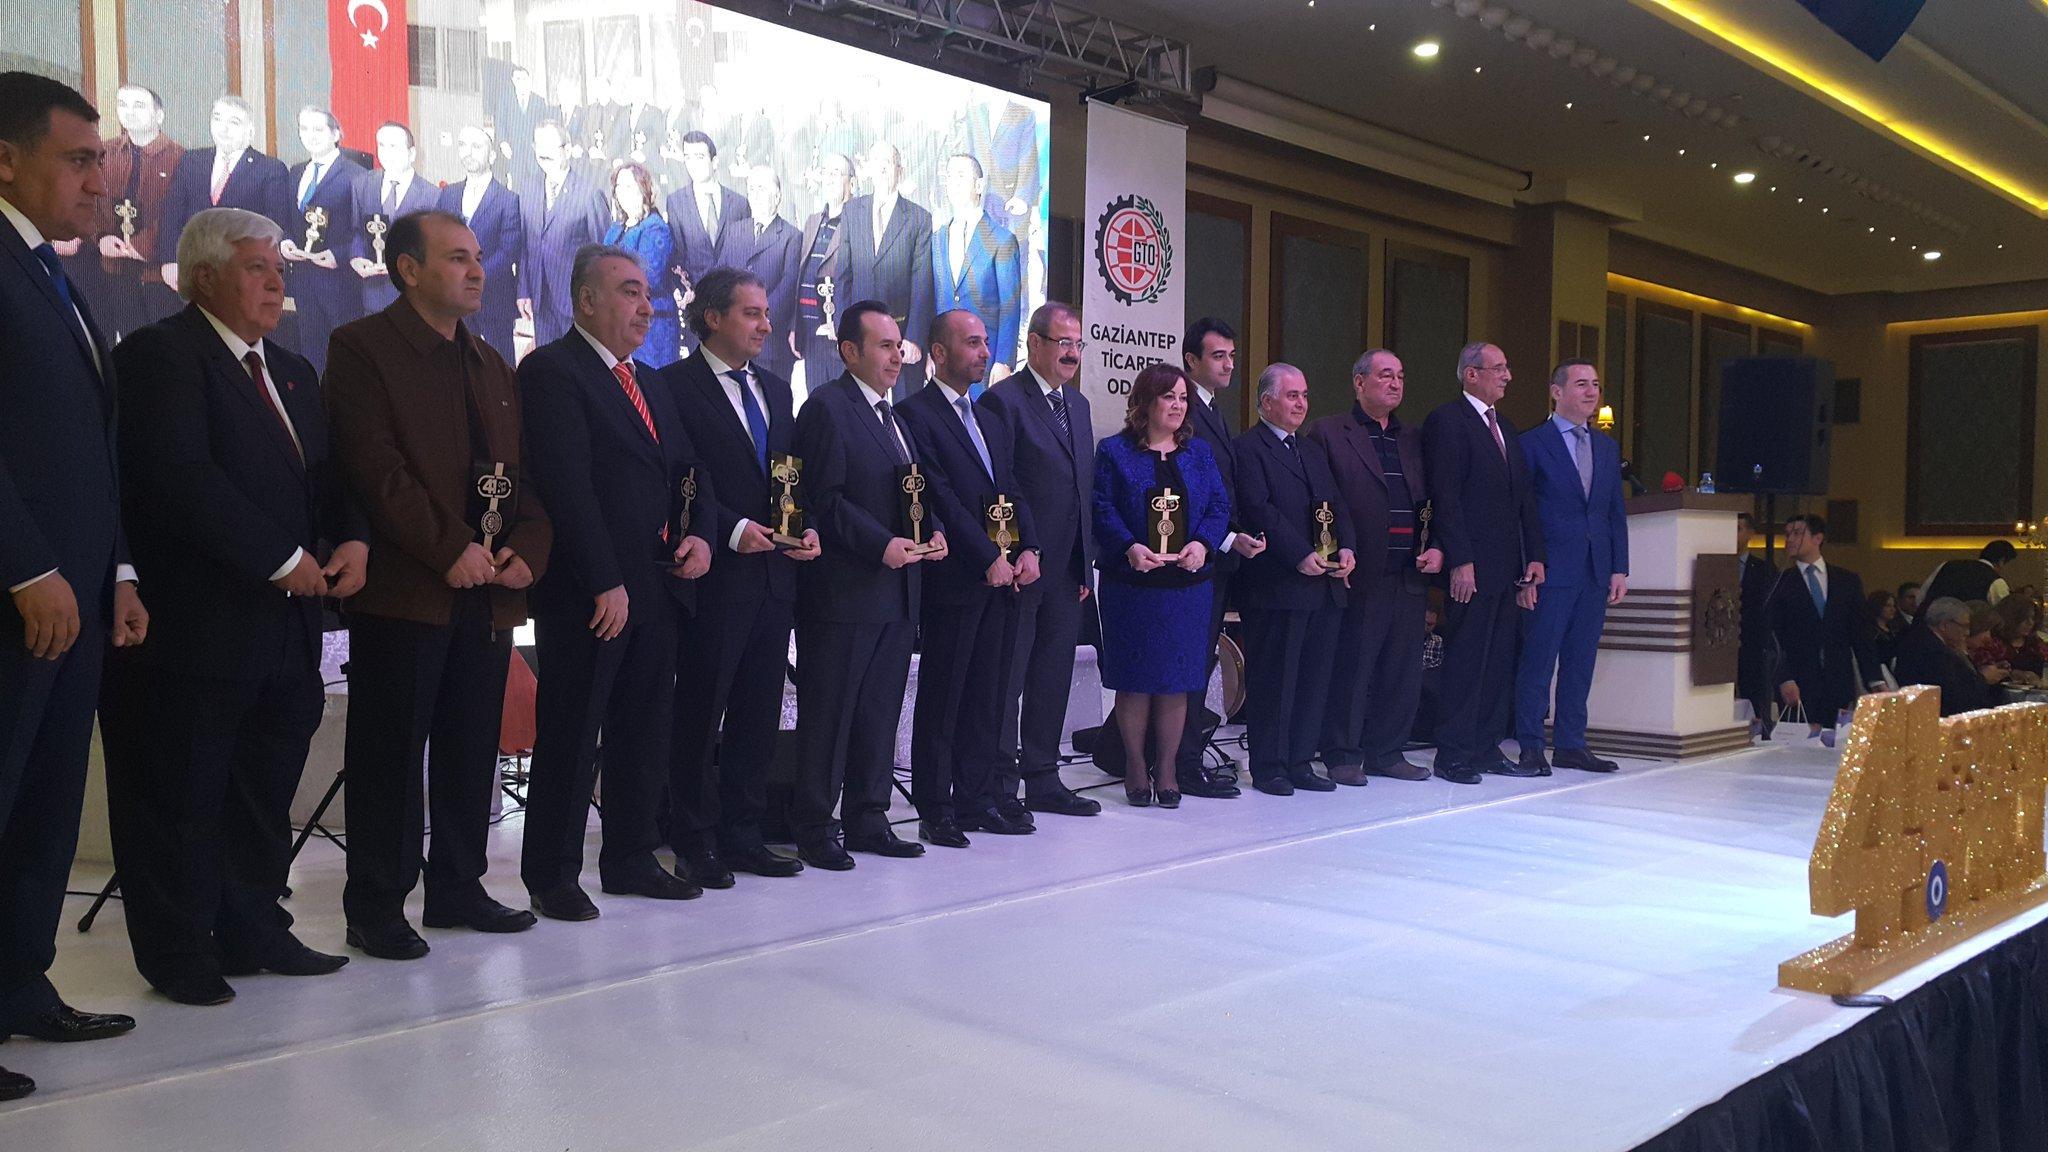 Ticaret Odası Ödül Töreni 29